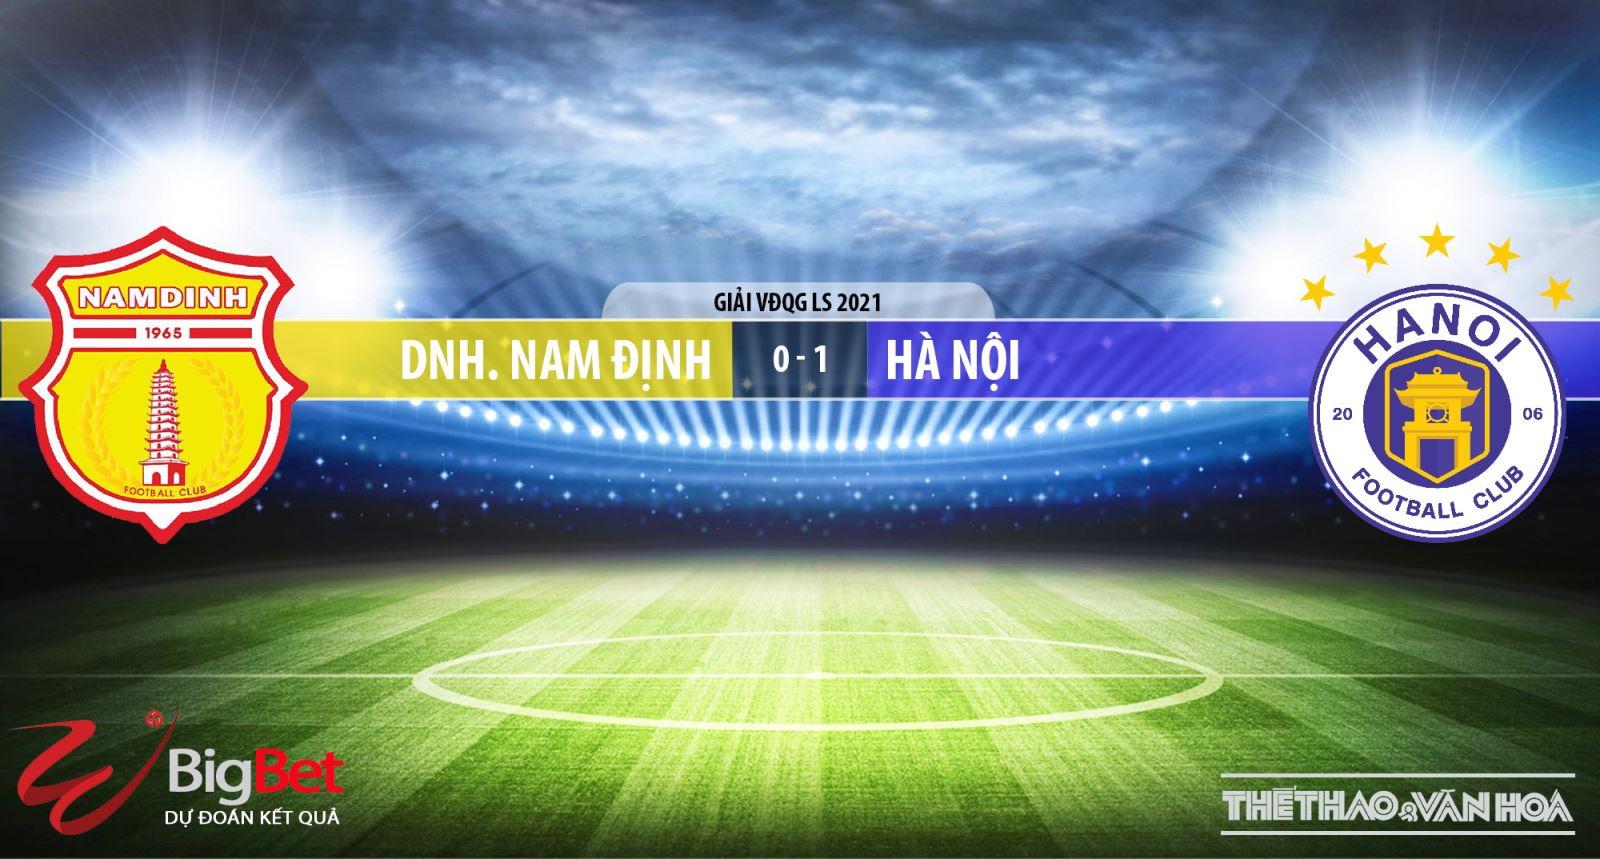 Keo nha cai, Kèo nhà cái, Nam Định vs Hà Nội, BĐTV Trực tiếp bóng đá Việt Nam hôm nay, kèo bóng đá, trực tiếp Nam Định đấu với Hà Nội, lịch thi đấu V-League vòng 1